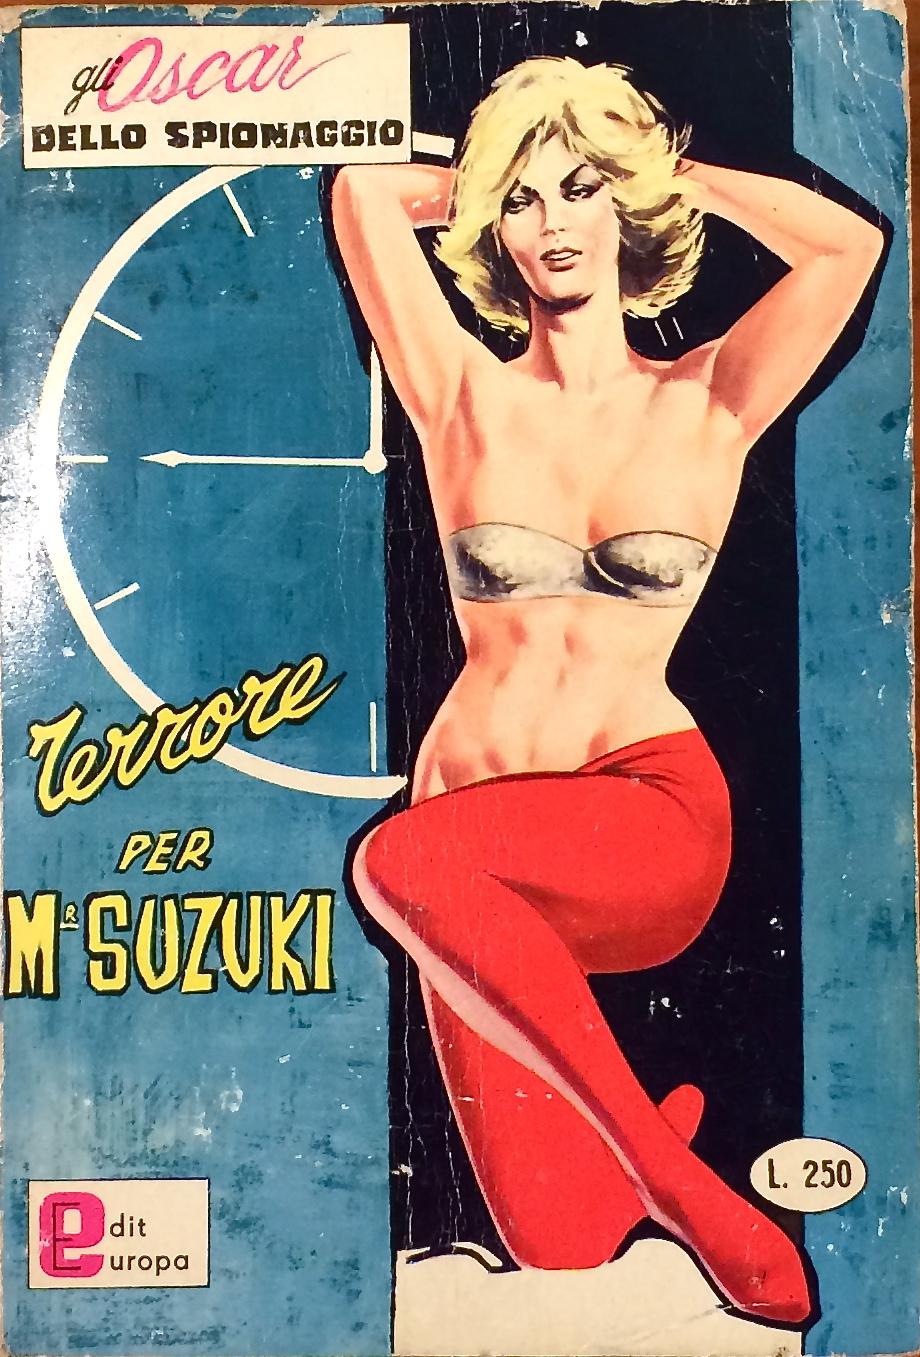 Terrore per Mr. Suzuki